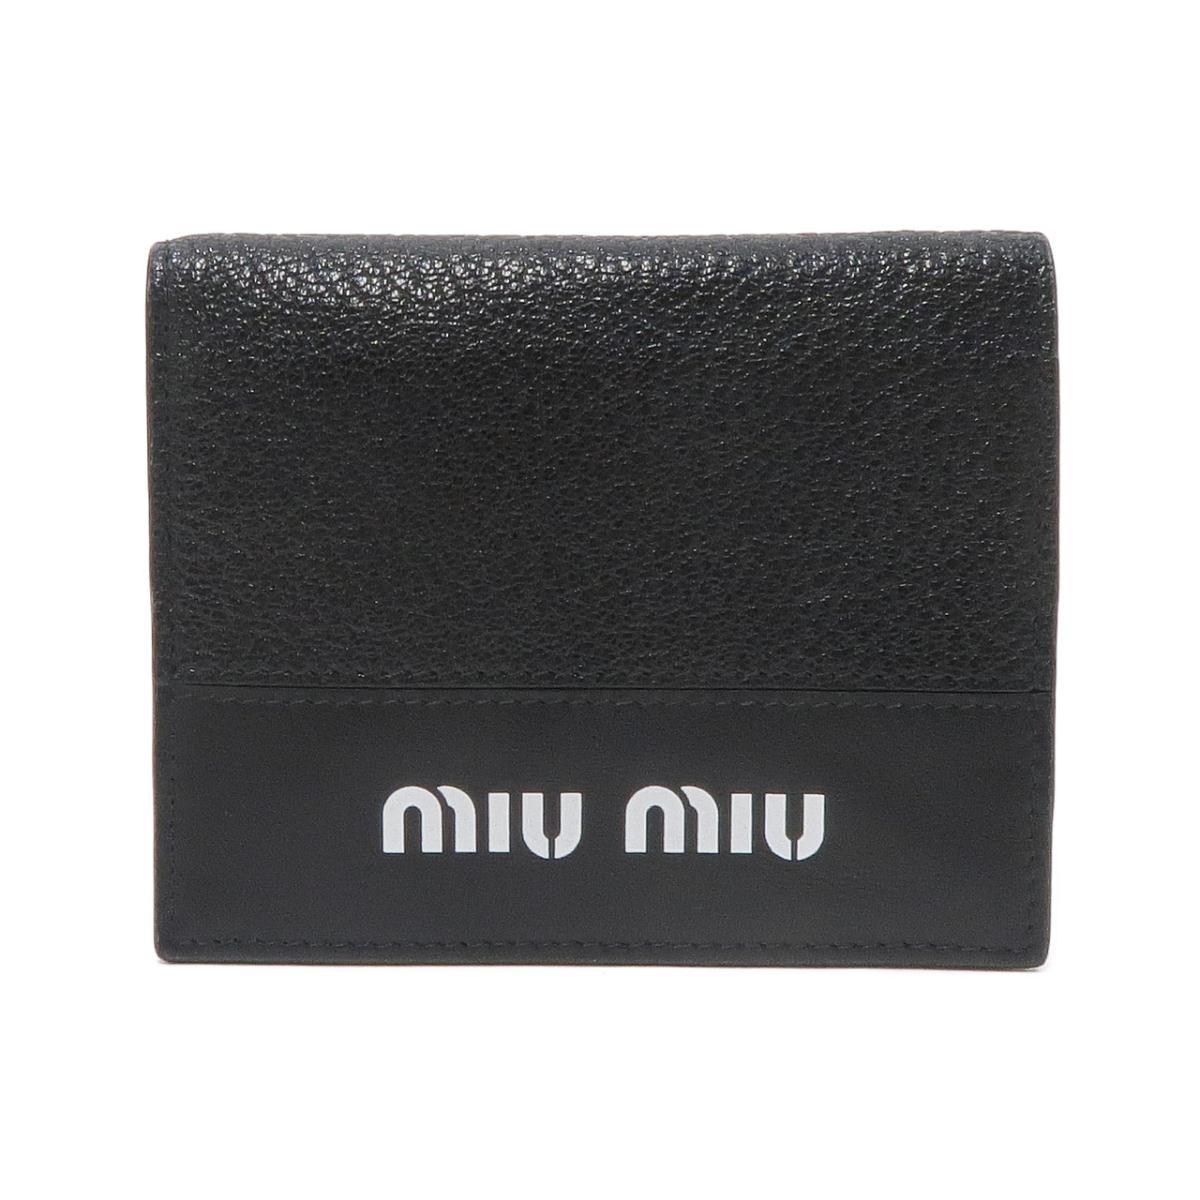 ミュウミュウ 財布 5MV204 情熱セール ※アウトレット品 中古